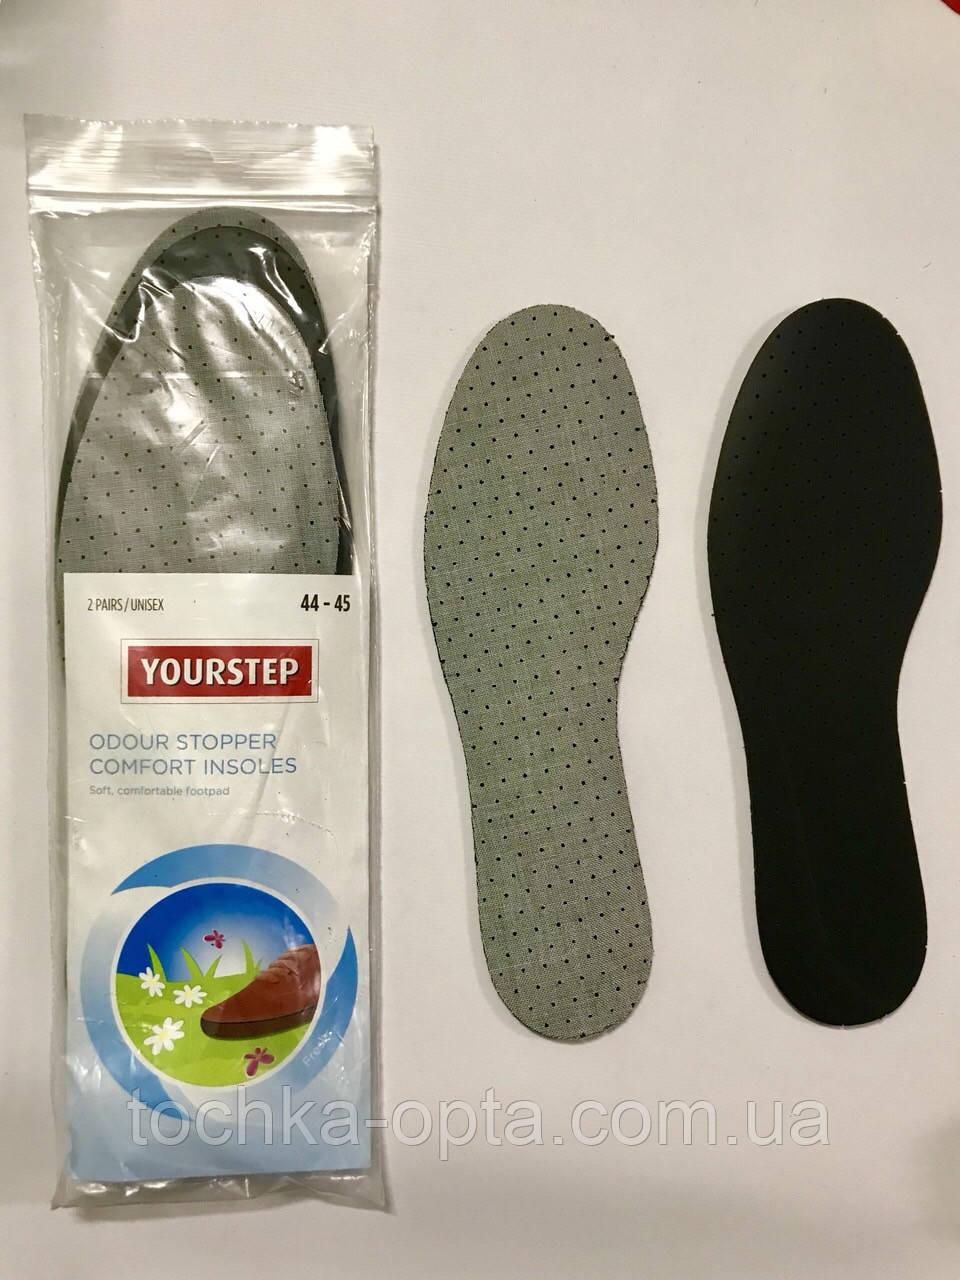 Стельки для обуви YOUSTEP перфорированные дышащие 2 пары в упаковке 36-37